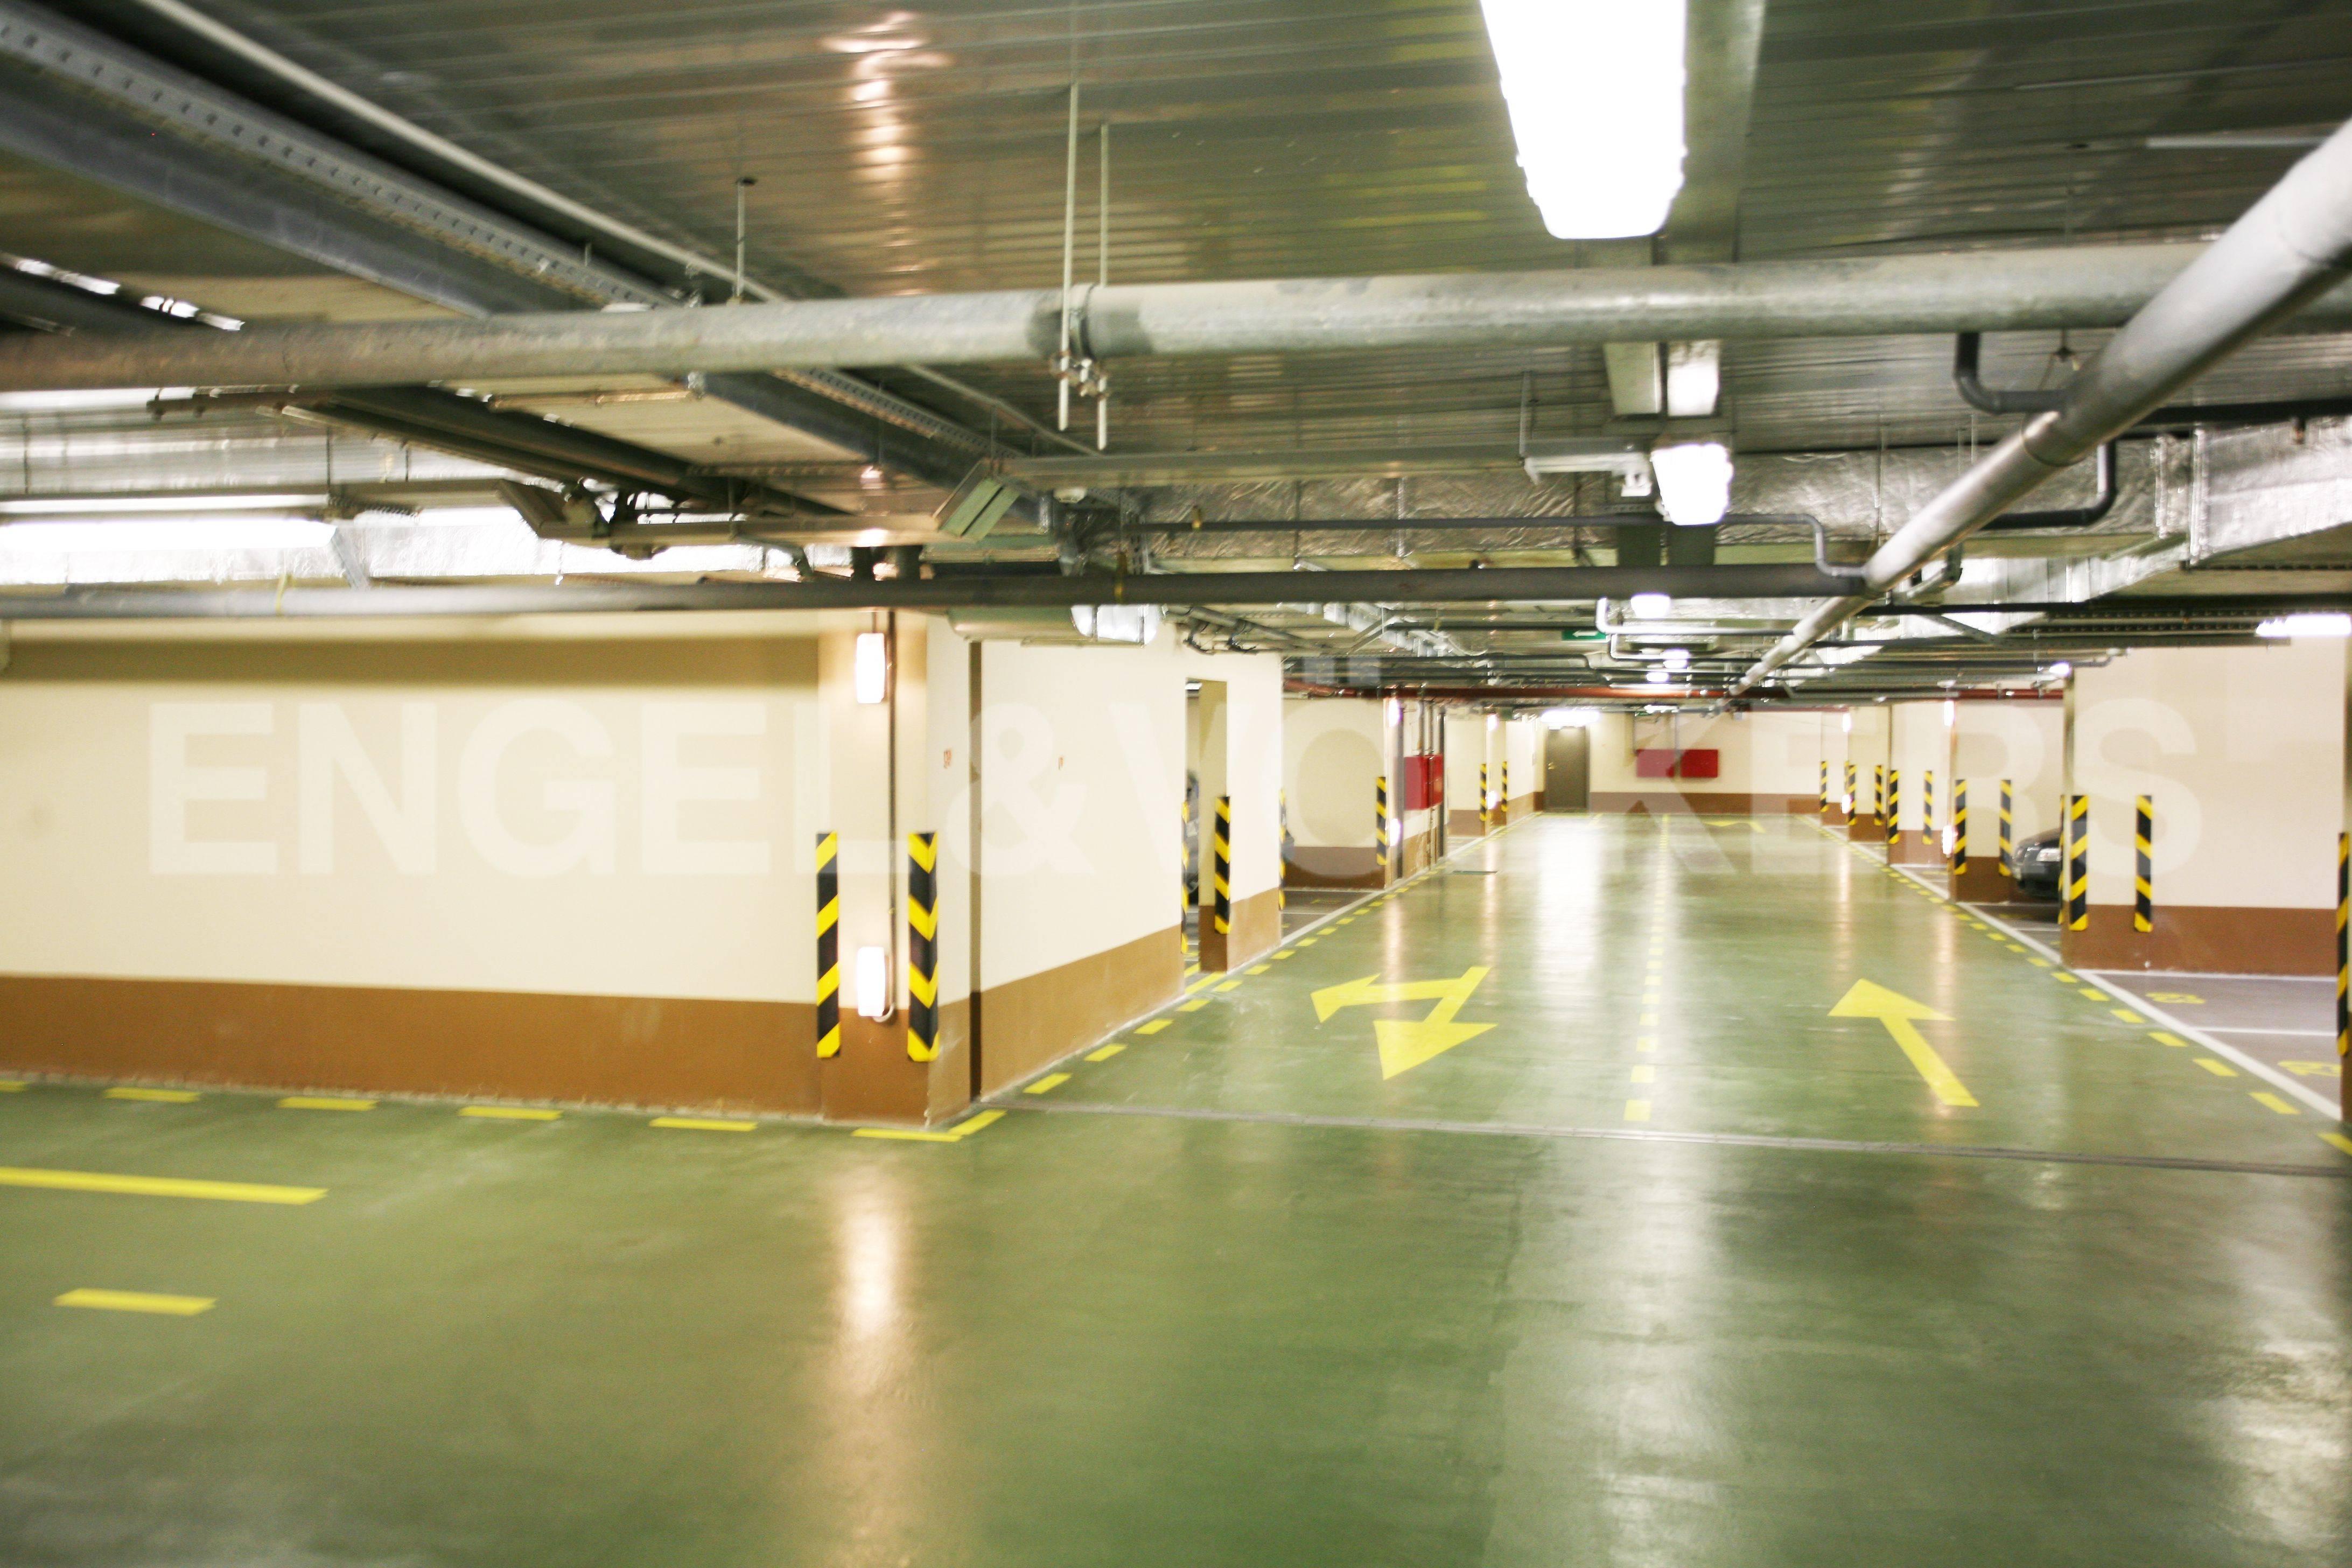 Элитные квартиры в Выборгский р-н. Санкт-Петербург, Большой Сампсониевский пр. 4-6. Подземный паркинг комплекса